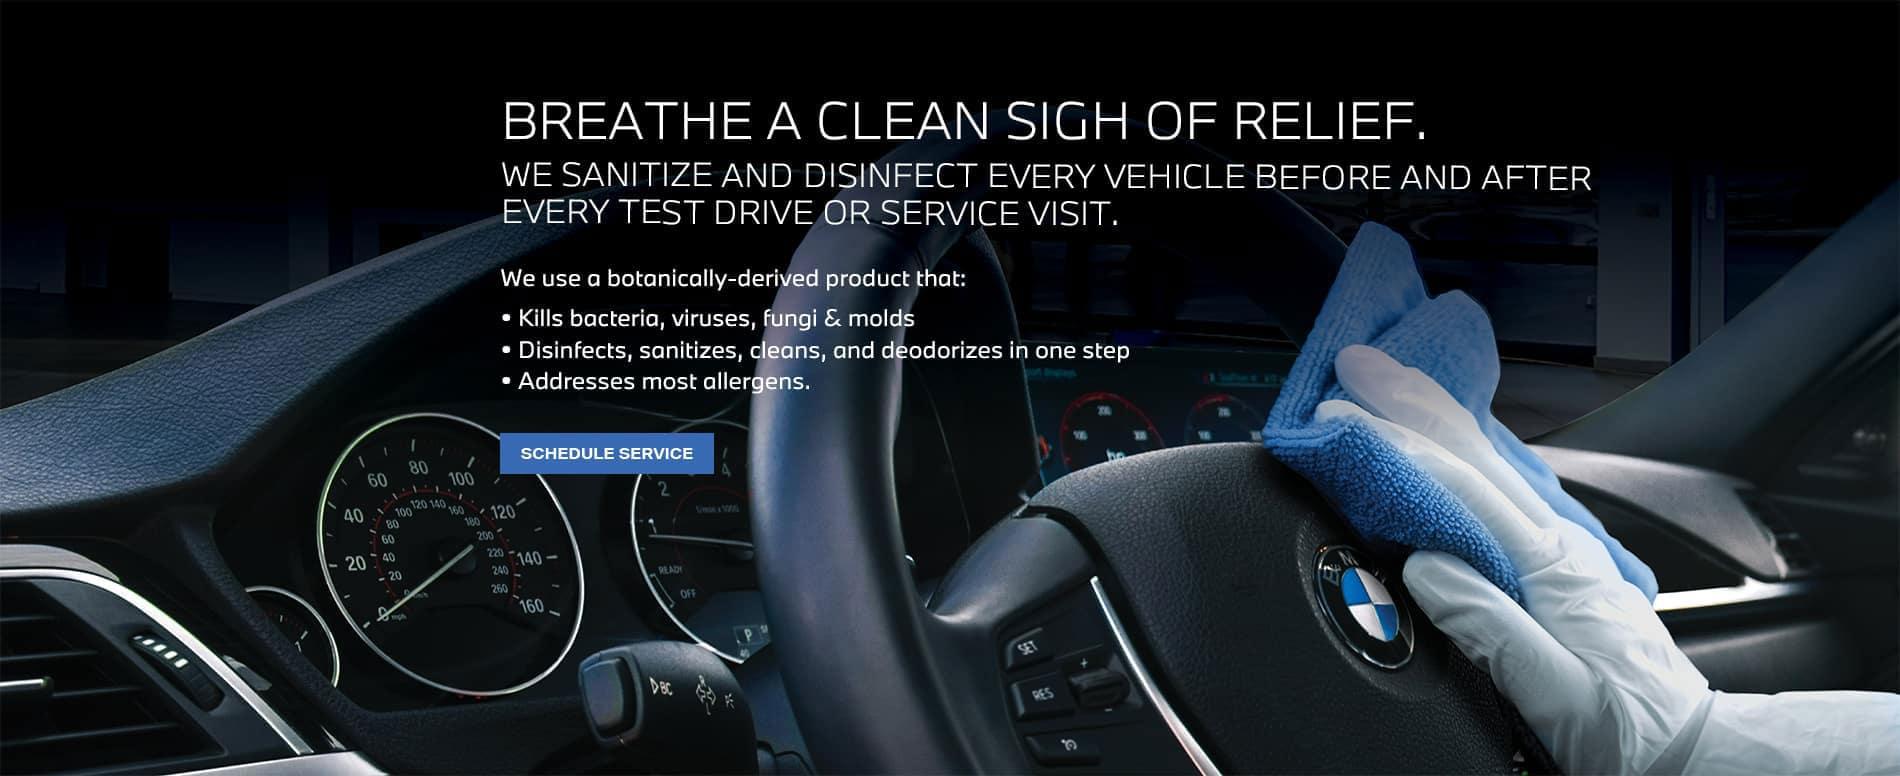 BMW_SanitizeSrvc_FMA1900x776_BreatheClean_TDS